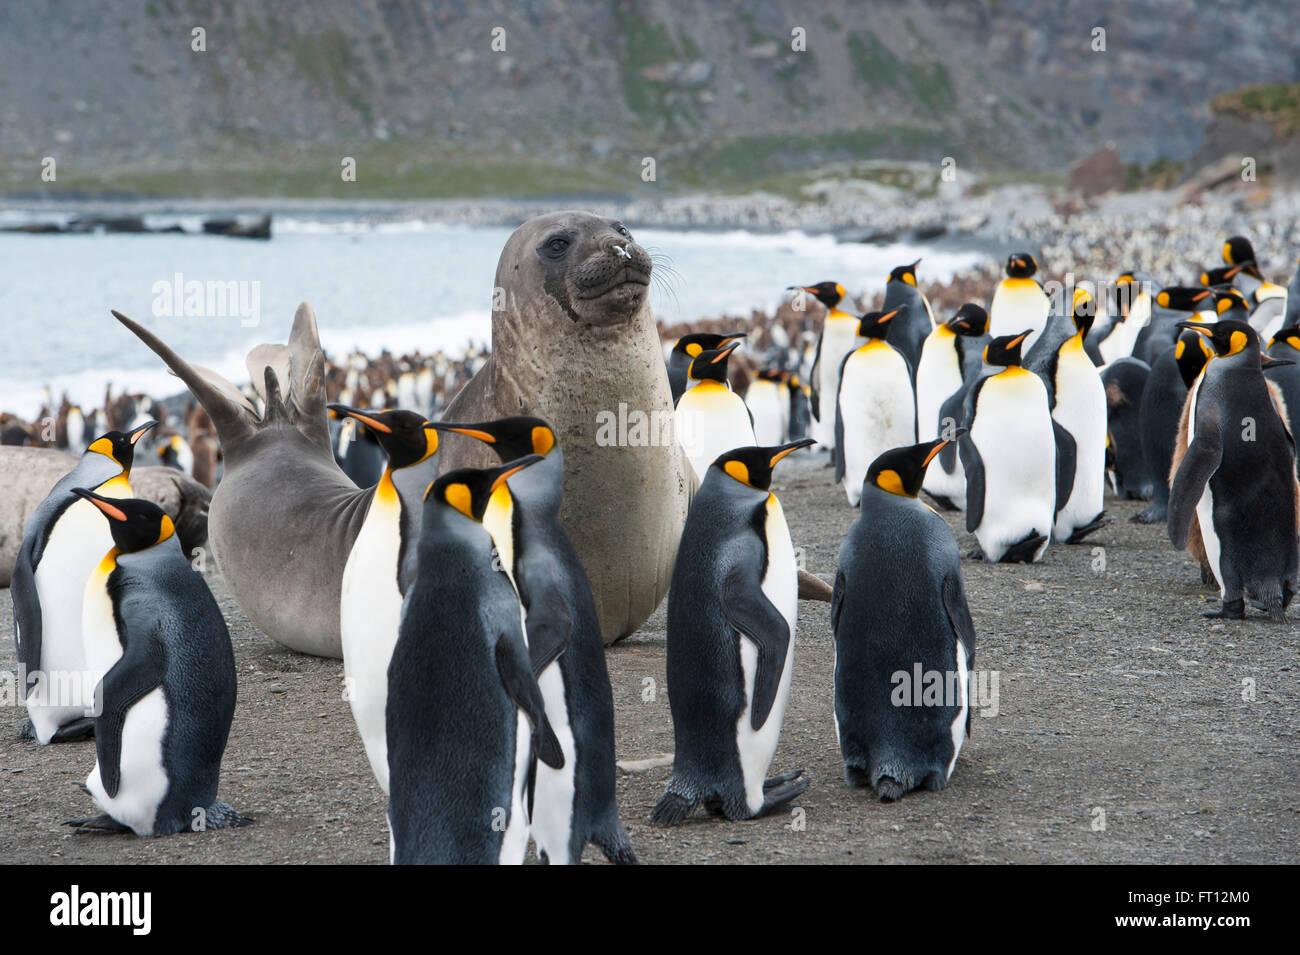 Un leone di mare e immerso in un ampio gruppo di pinguini imperatore Aptenodytes forsteri sulla spiaggia, Porto Immagini Stock